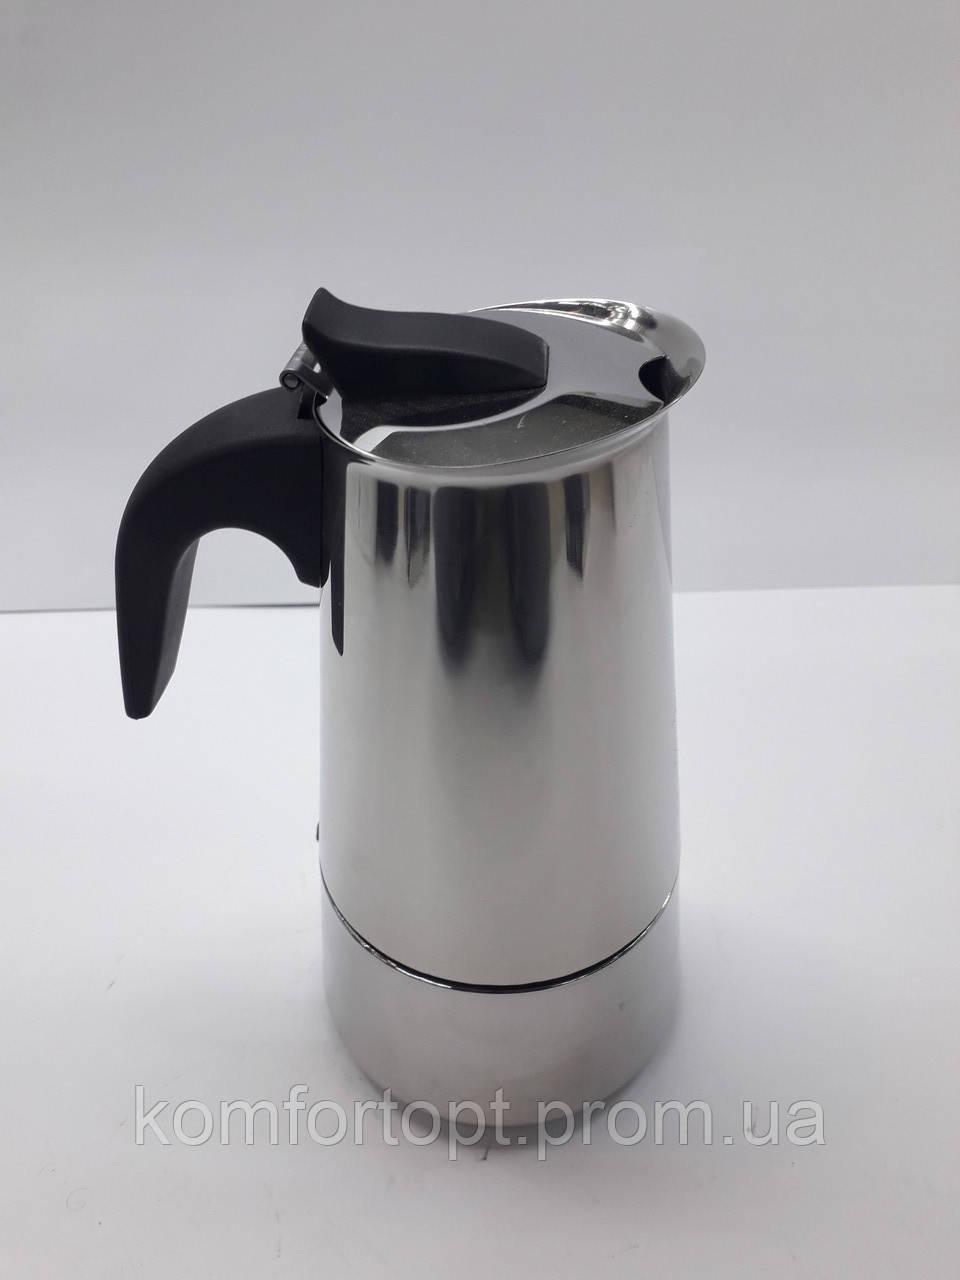 Гейзерная кофеварка на 6 чашек.